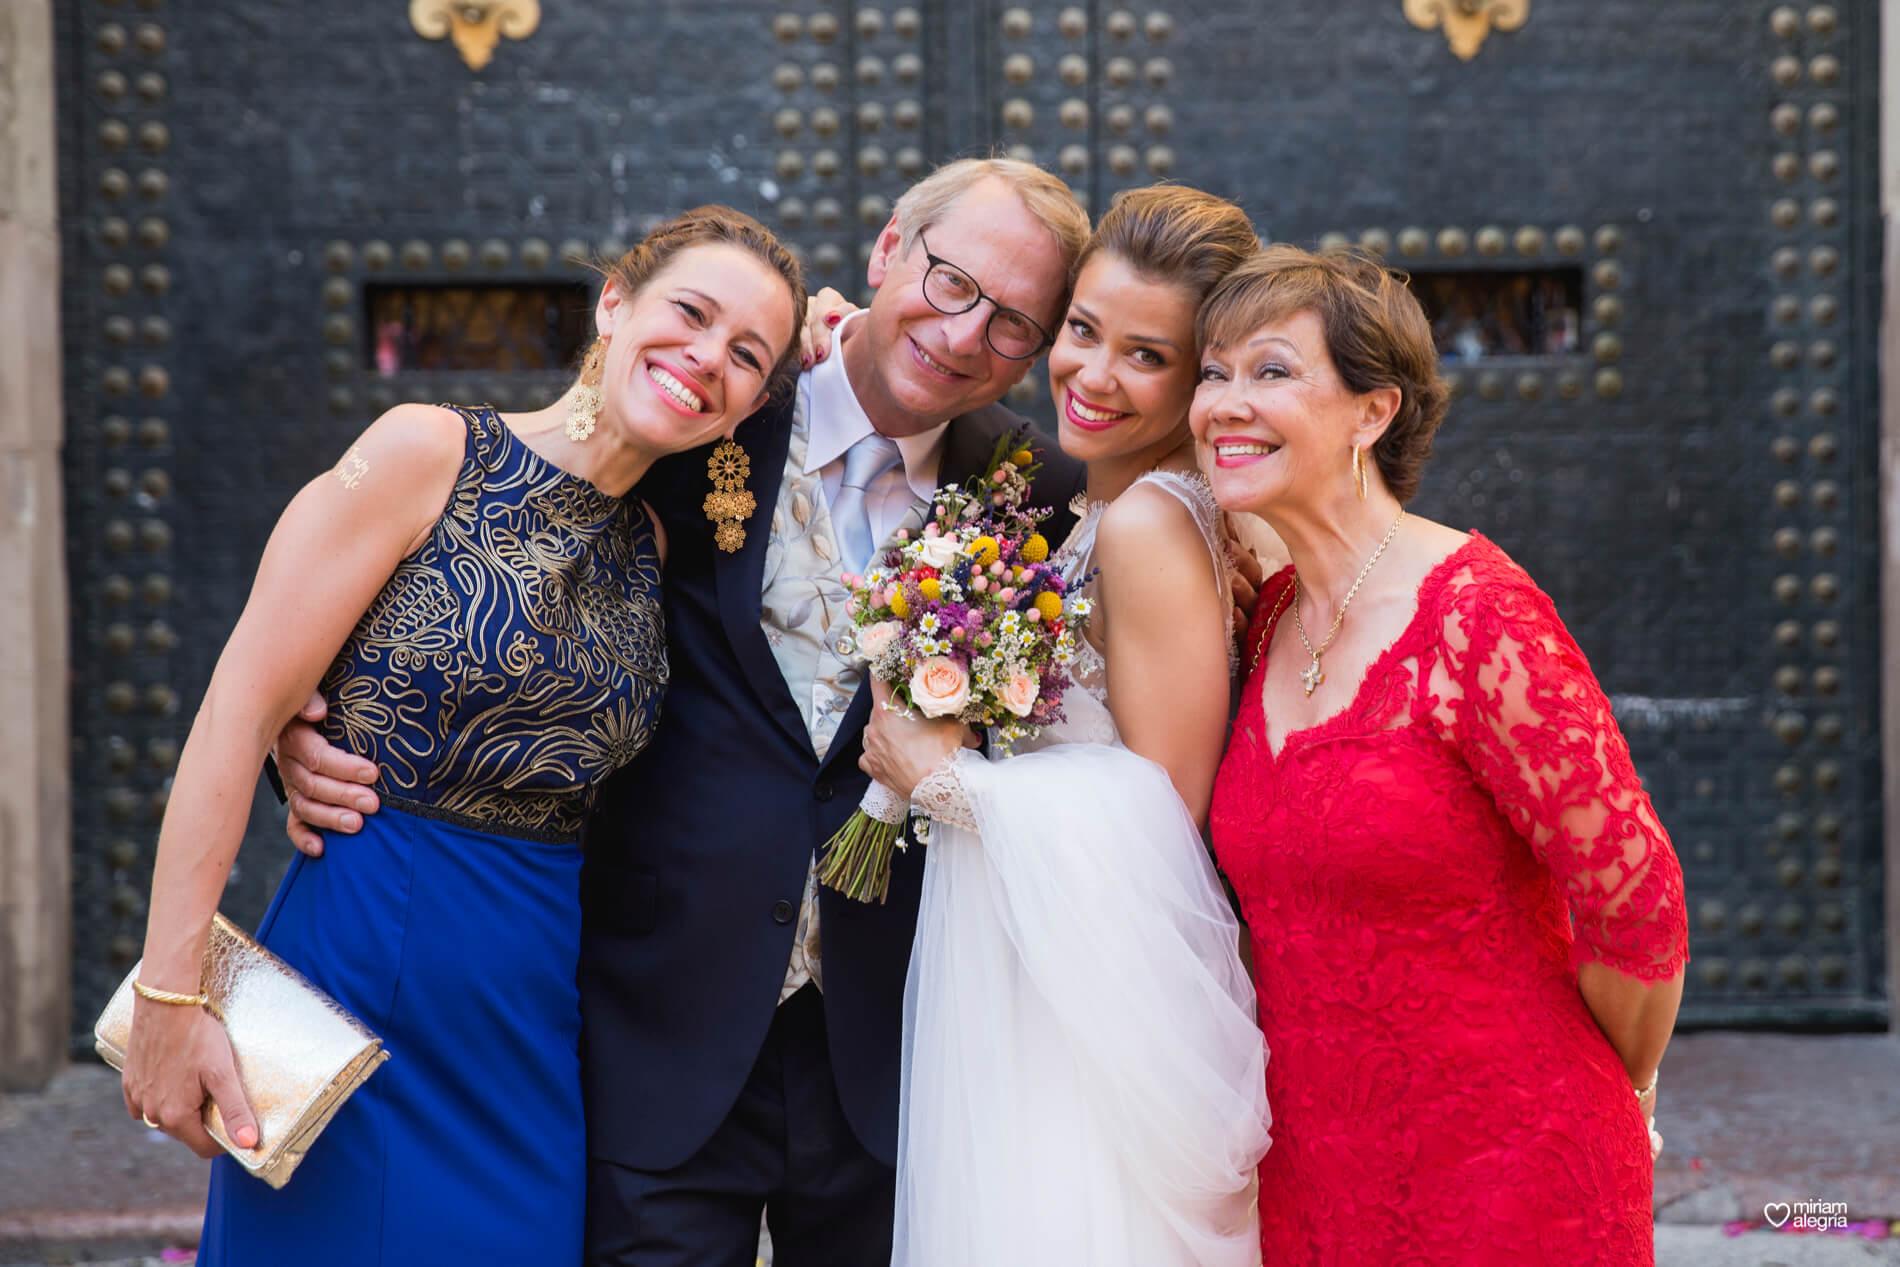 wedding-huerto-del-cura-elche-miriam-alegria-fotografos-boda-261